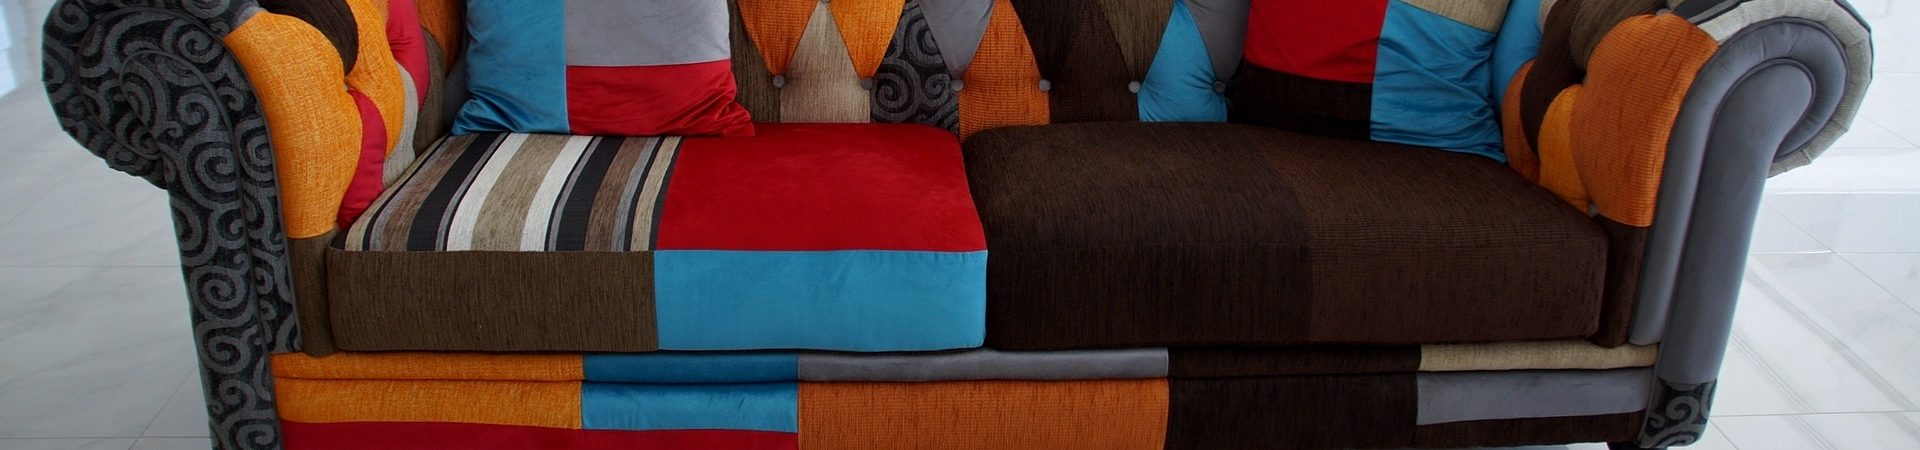 Luxor Upholstery